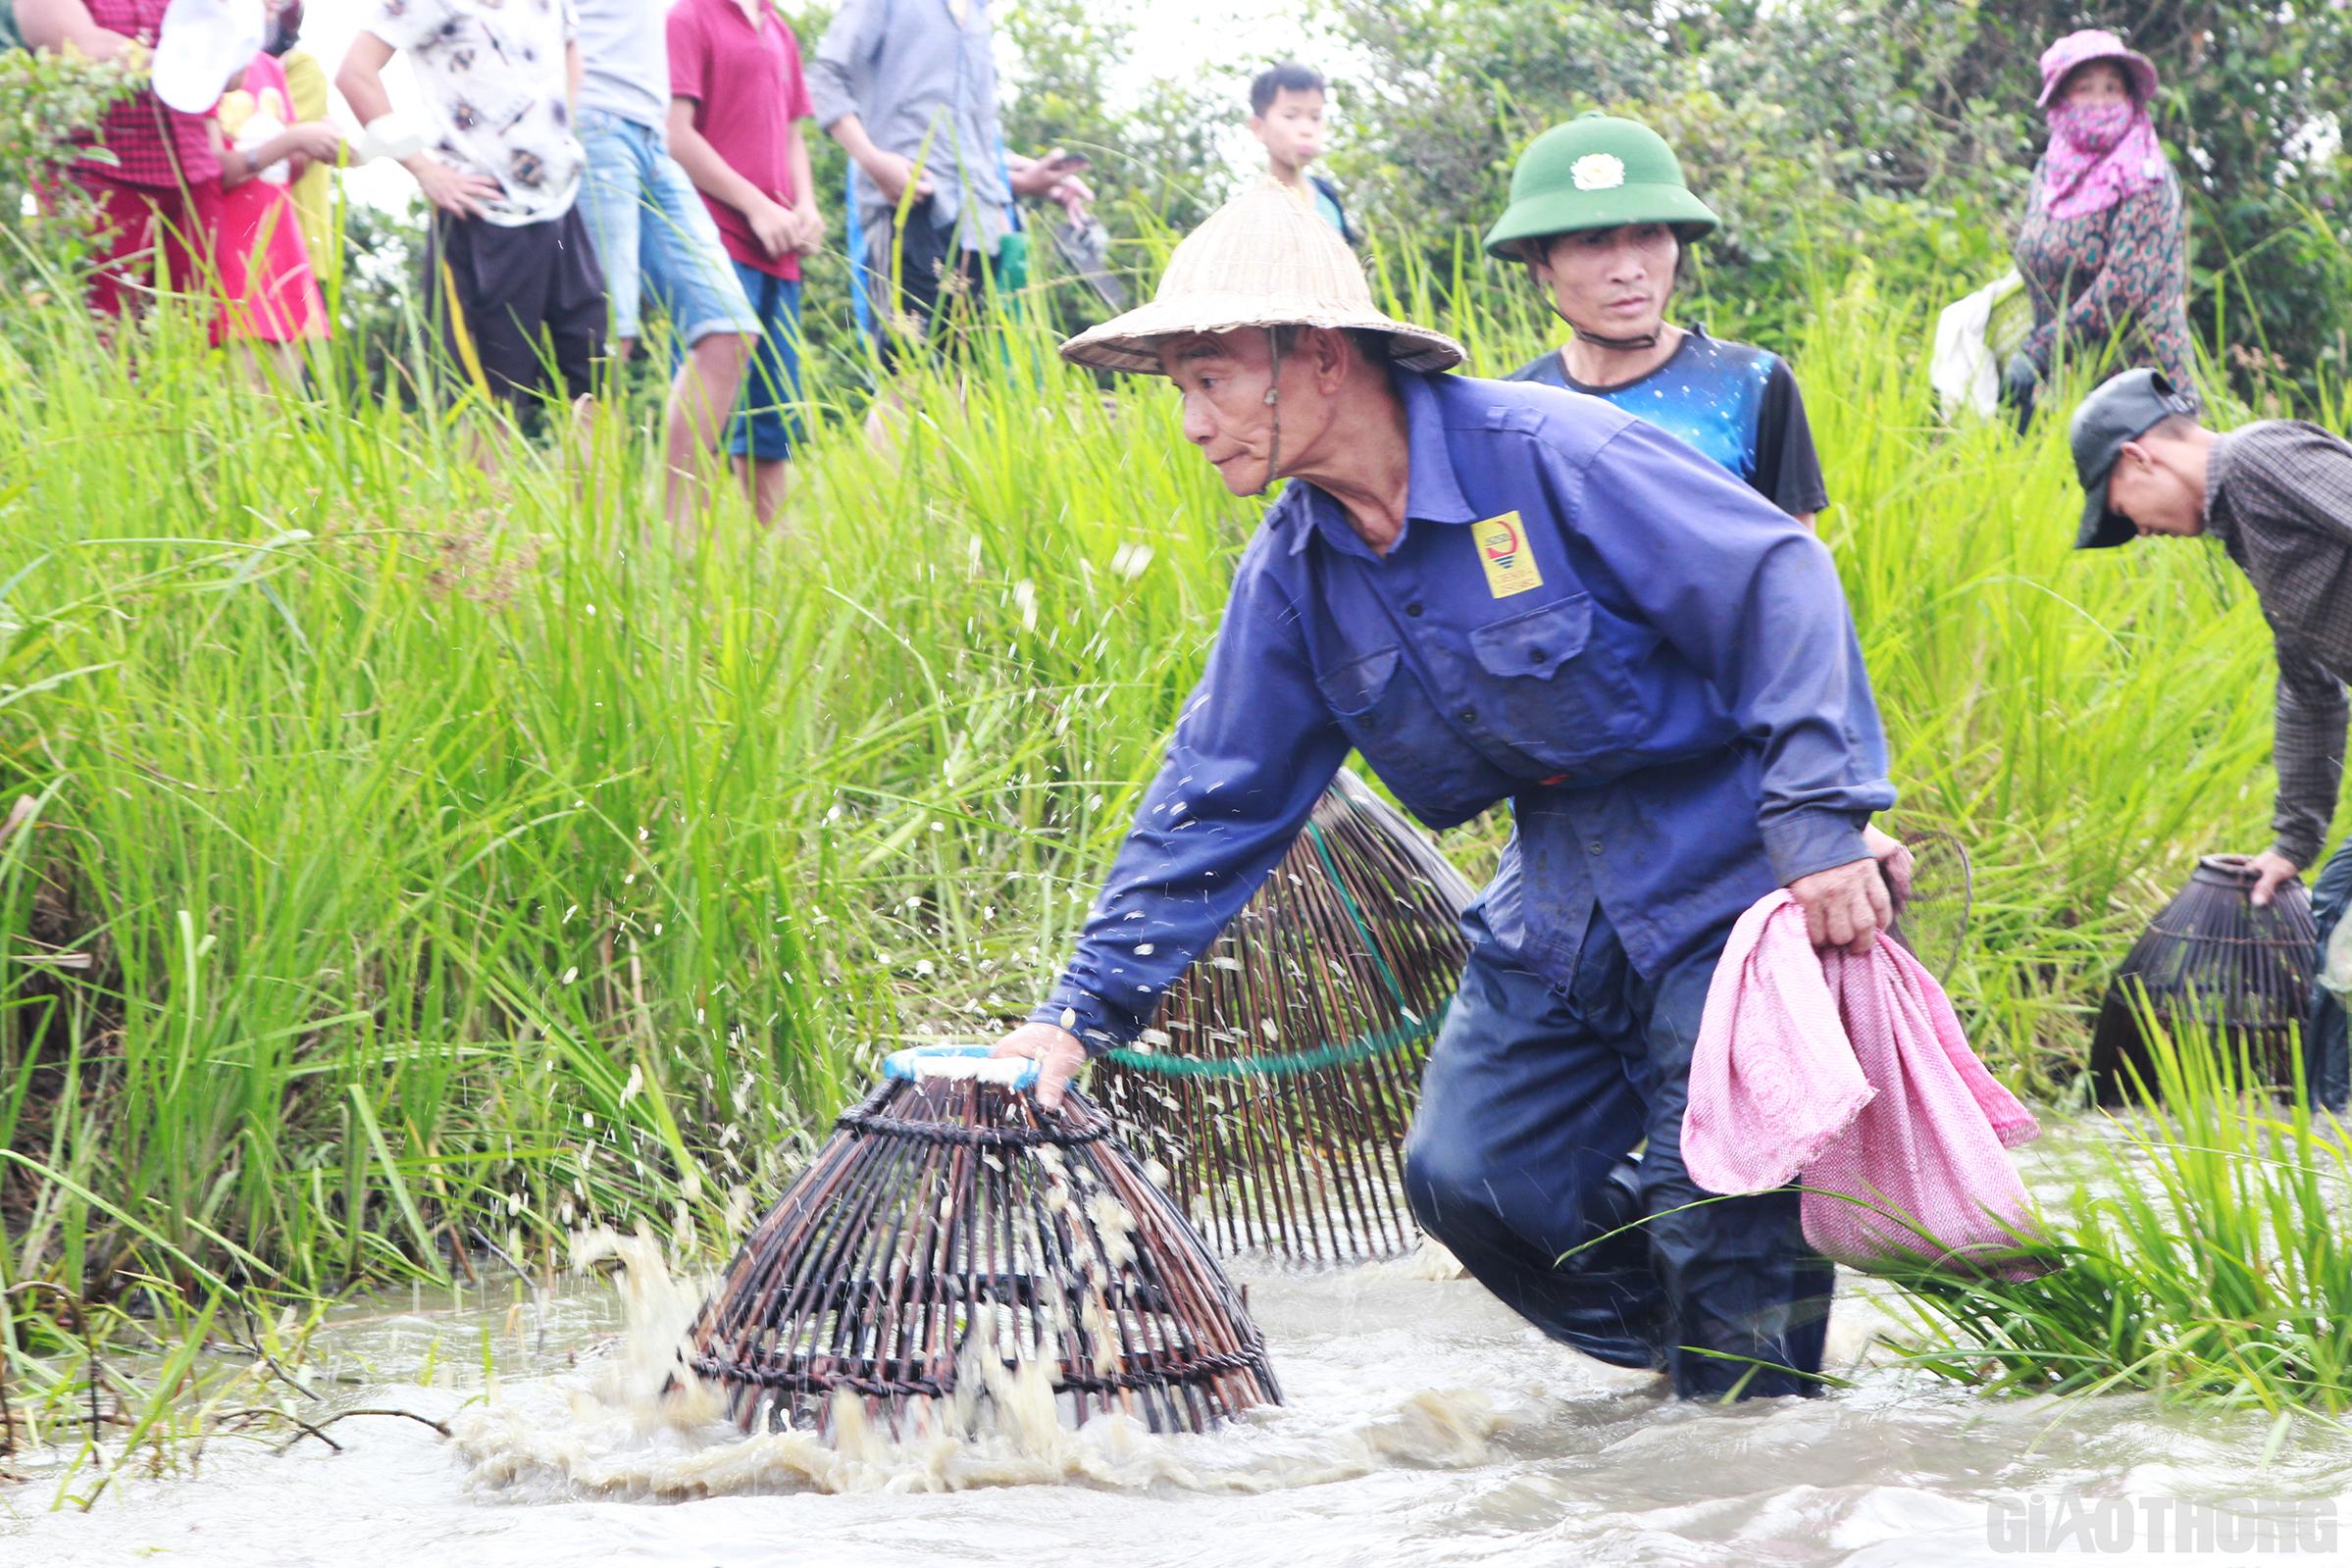 Rất nhiều người già đã lớn tuổi nhưng cũng mang theo nơm xuống đầm thể hiện kinh nghiệm trong việc bắt cá của bản thân mình